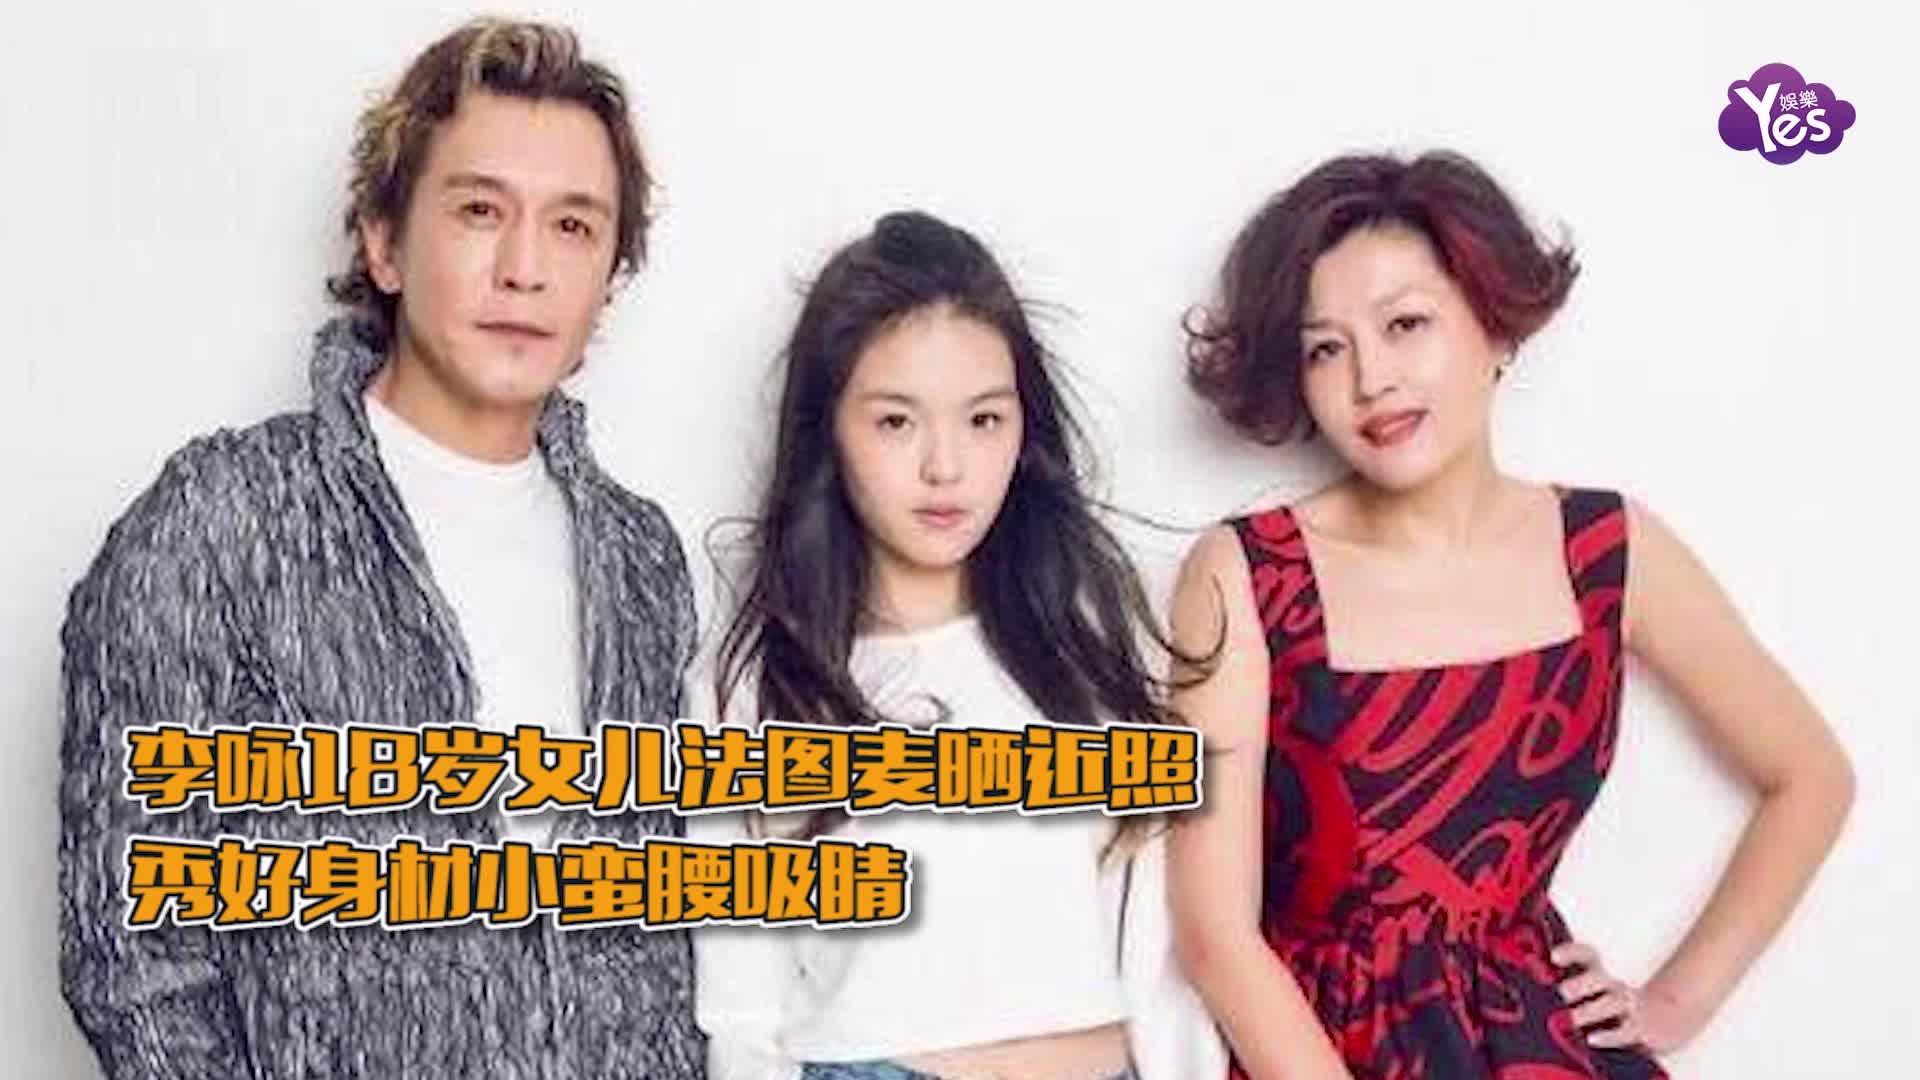 李咏18岁女儿晒近照,大秀小蛮腰月牙纹身